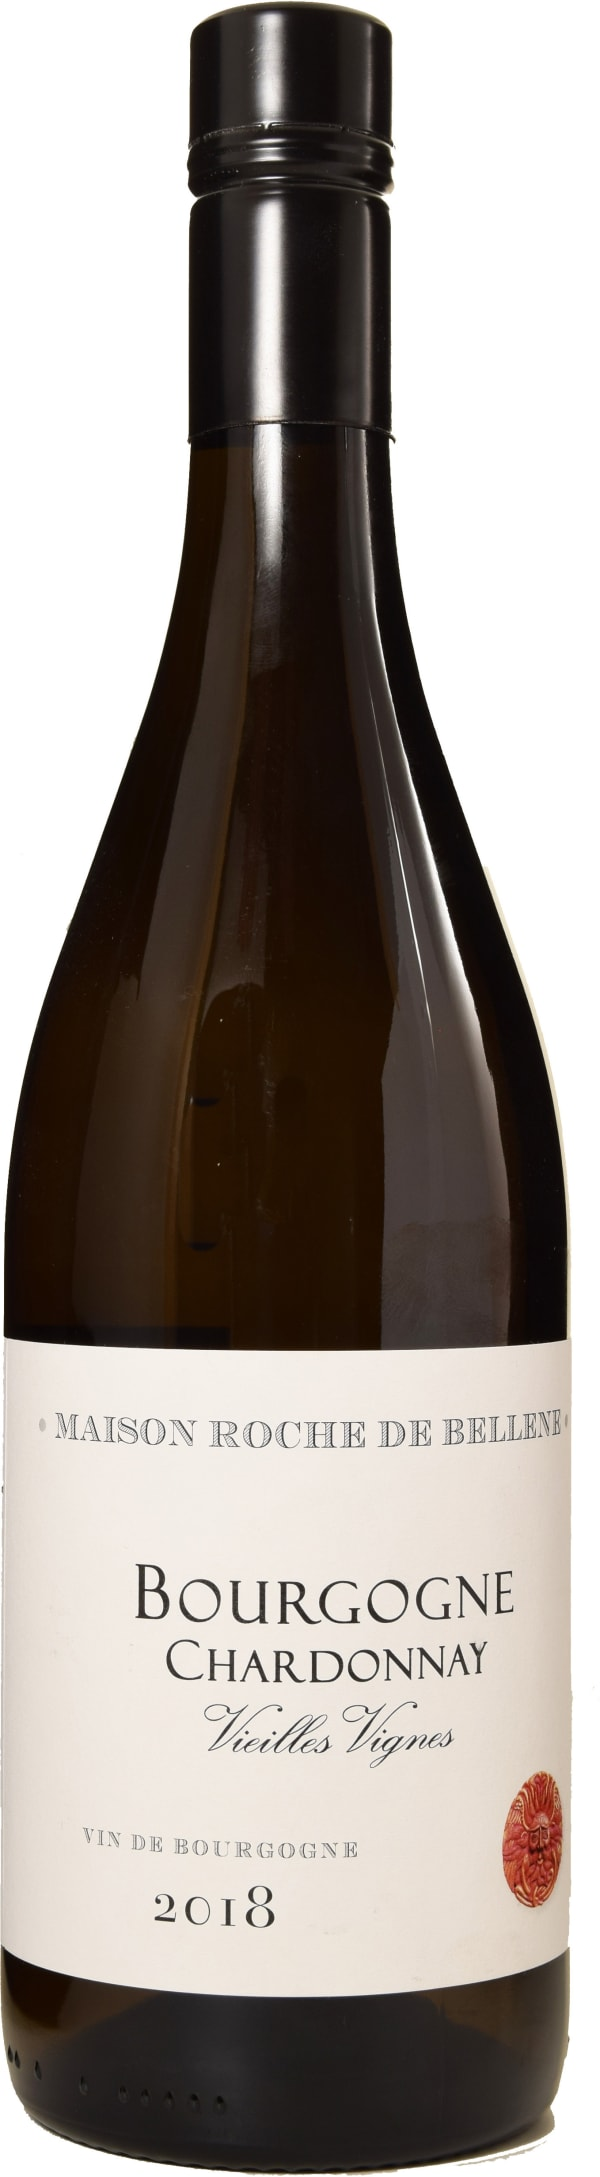 Maison Roche Vieilles Vignes Chardonnay 2017